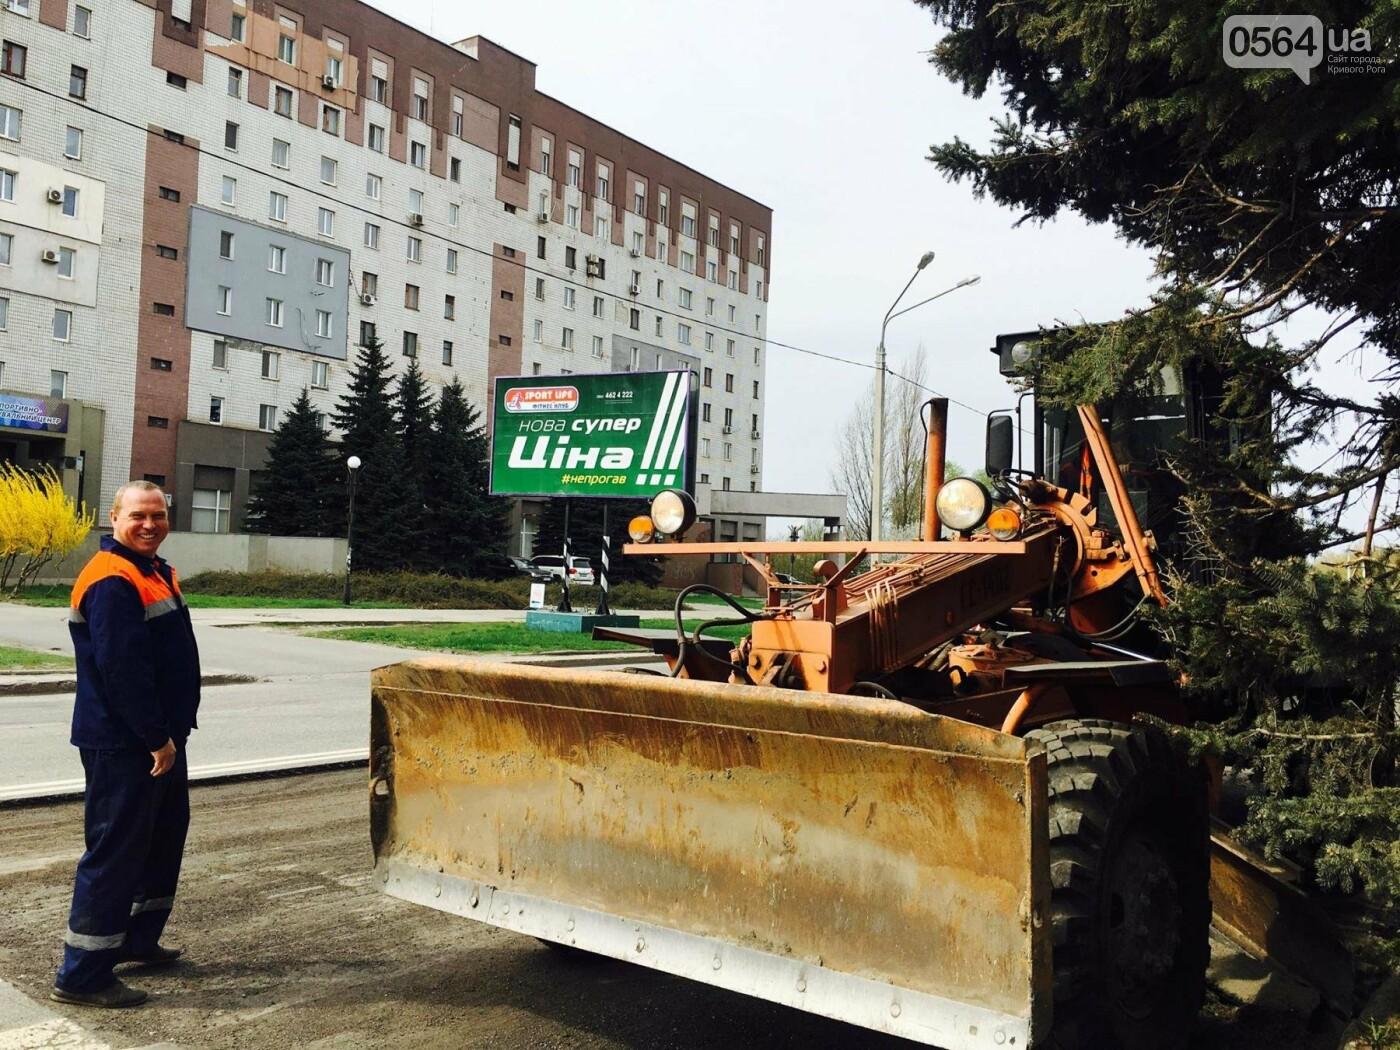 В Кривом Роге ремонтируют дороги и днем, и ночью (ФОТО), фото-9